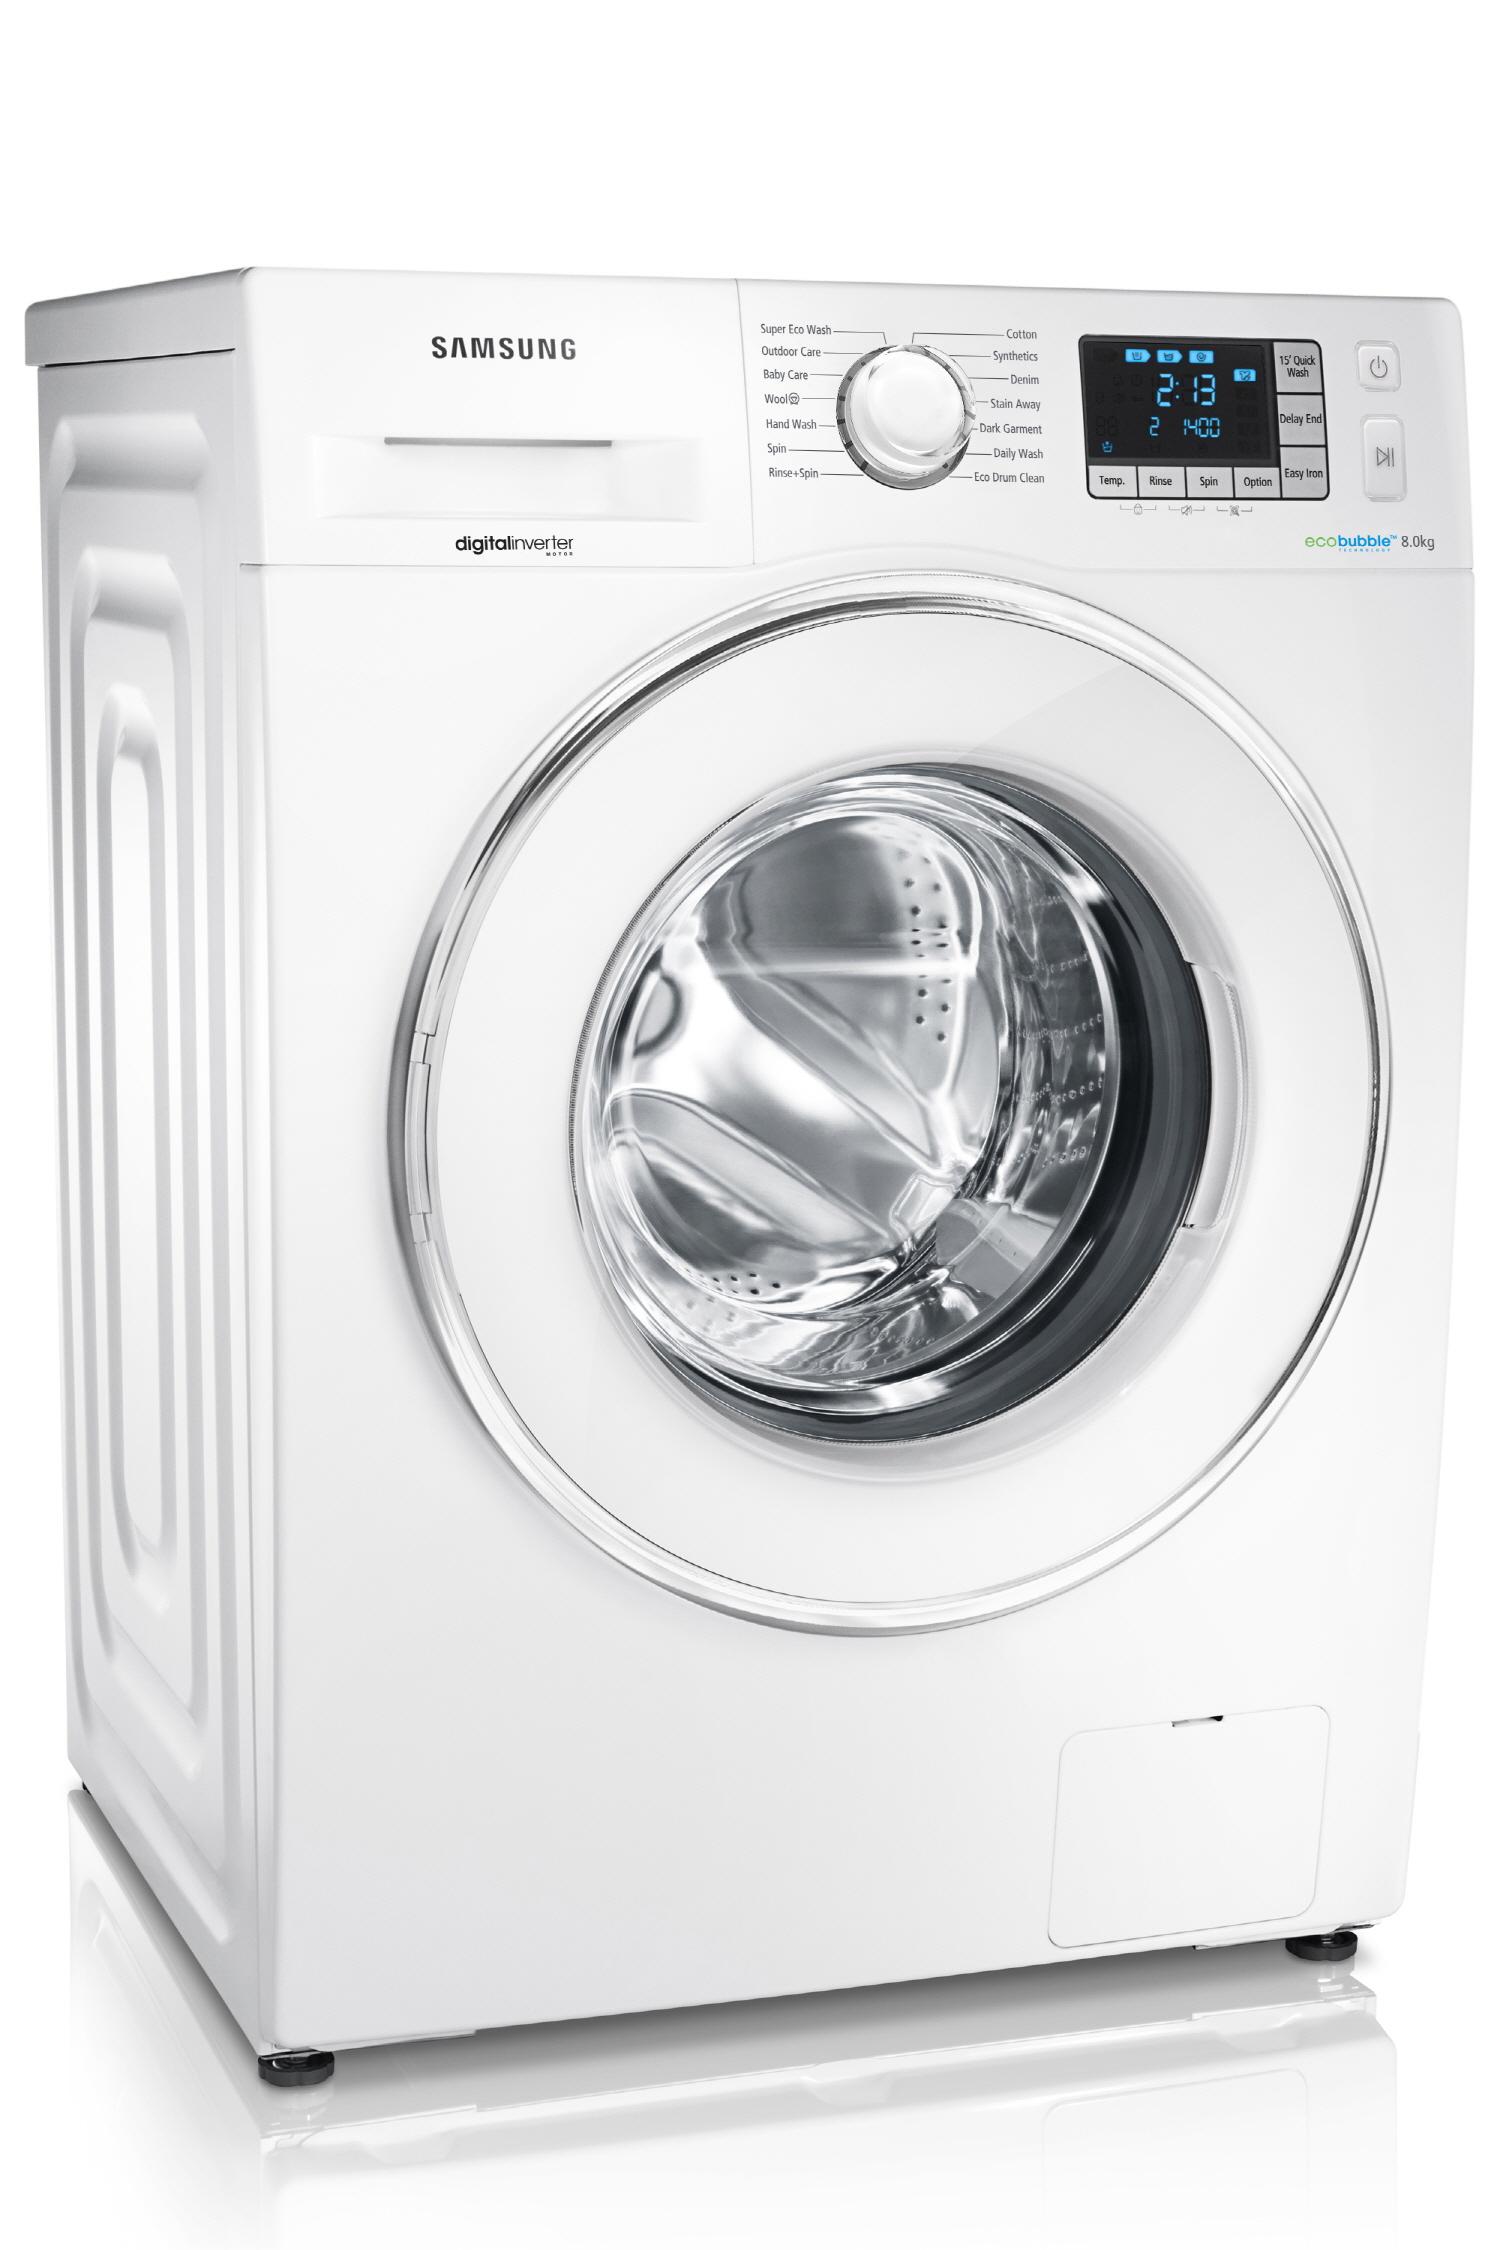 버블드럼세탁기 WF80F5E5U4W 의 모습입니다.